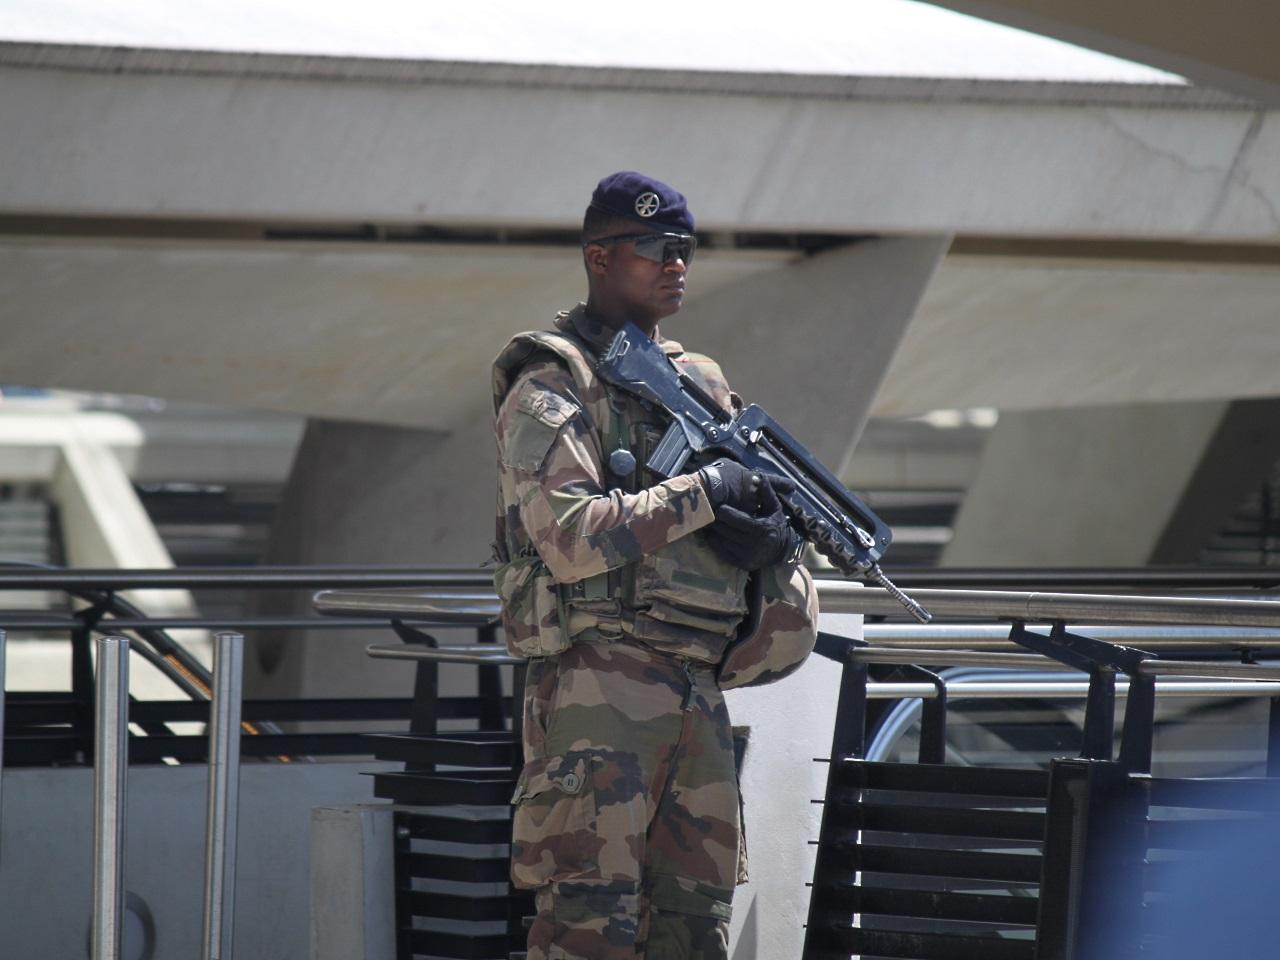 Des armes militaires dérobées lors d'une pause déjeuner — Isère